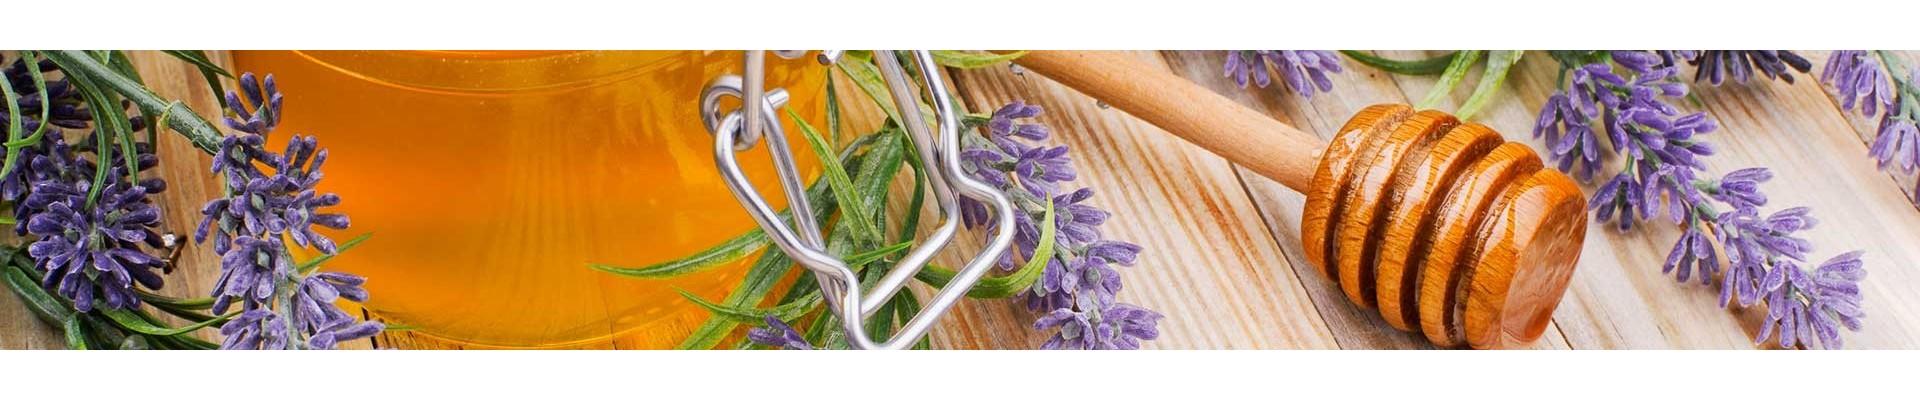 Miel - Les produits de Provence - Escargots, Truffes, Miel - Enclave des Papes